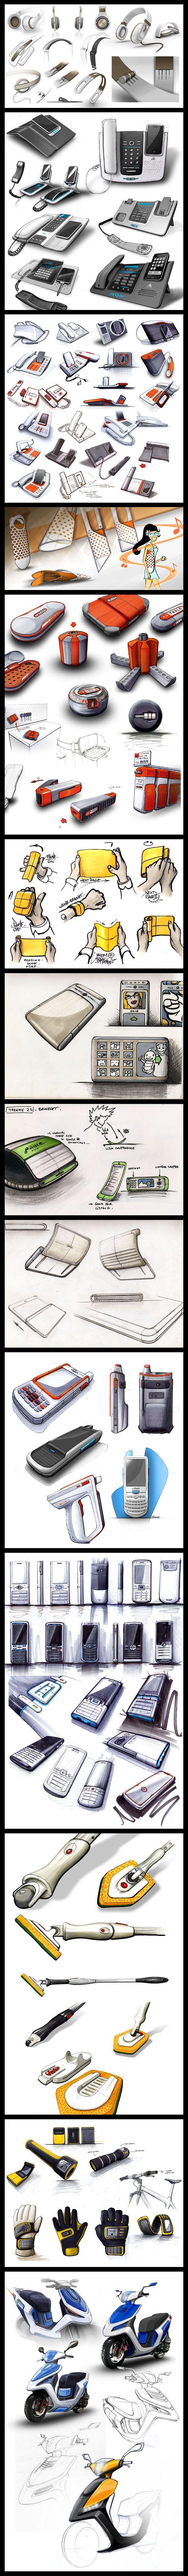 Sketchbook samples by jules parmentier, via Behance.